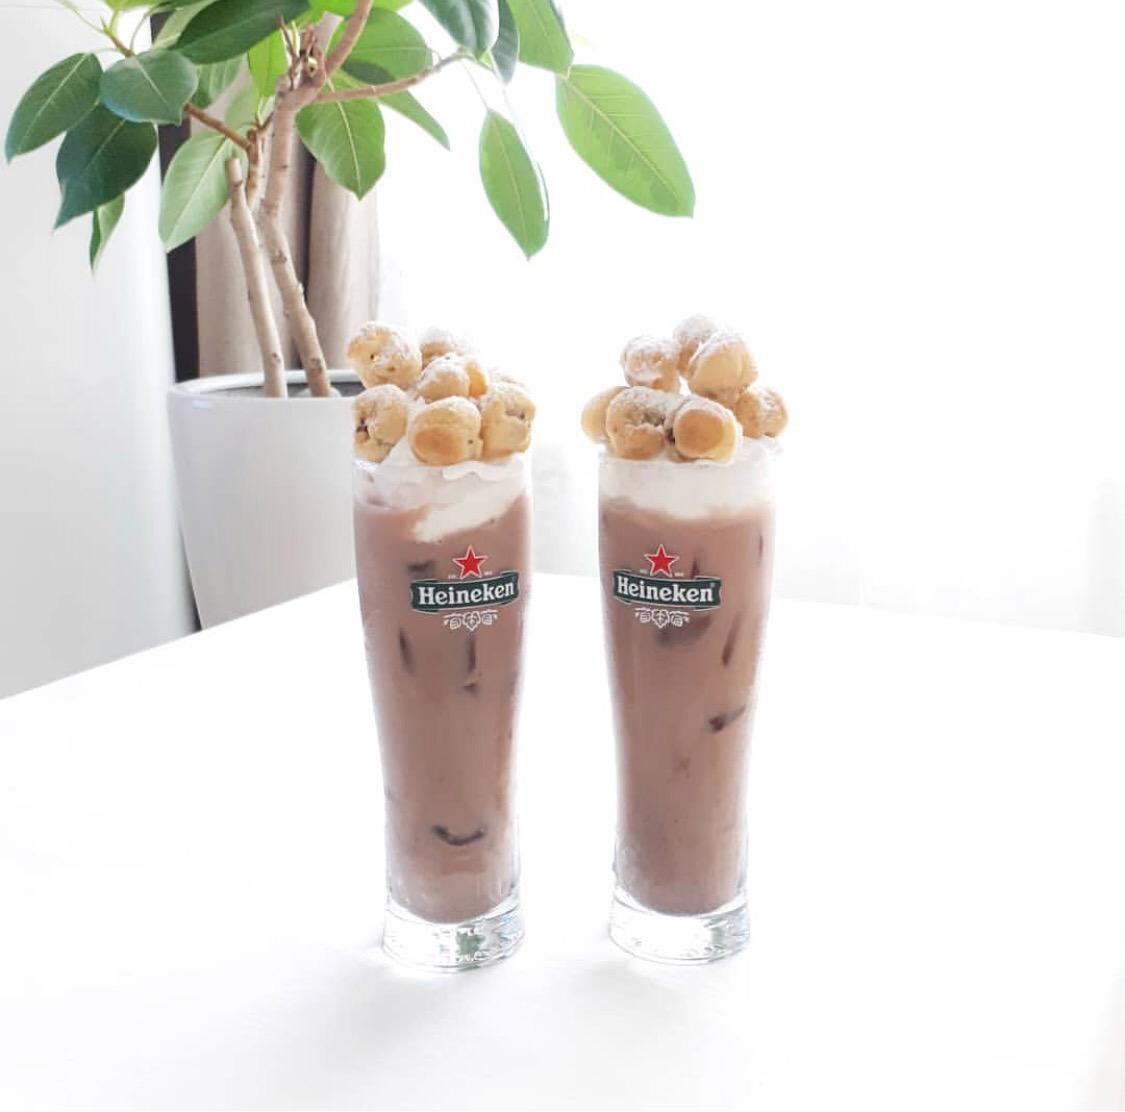 巧克力味 同款 BTS 防弹少年团 海太夹心泡芙饼干 韩国进口 现货